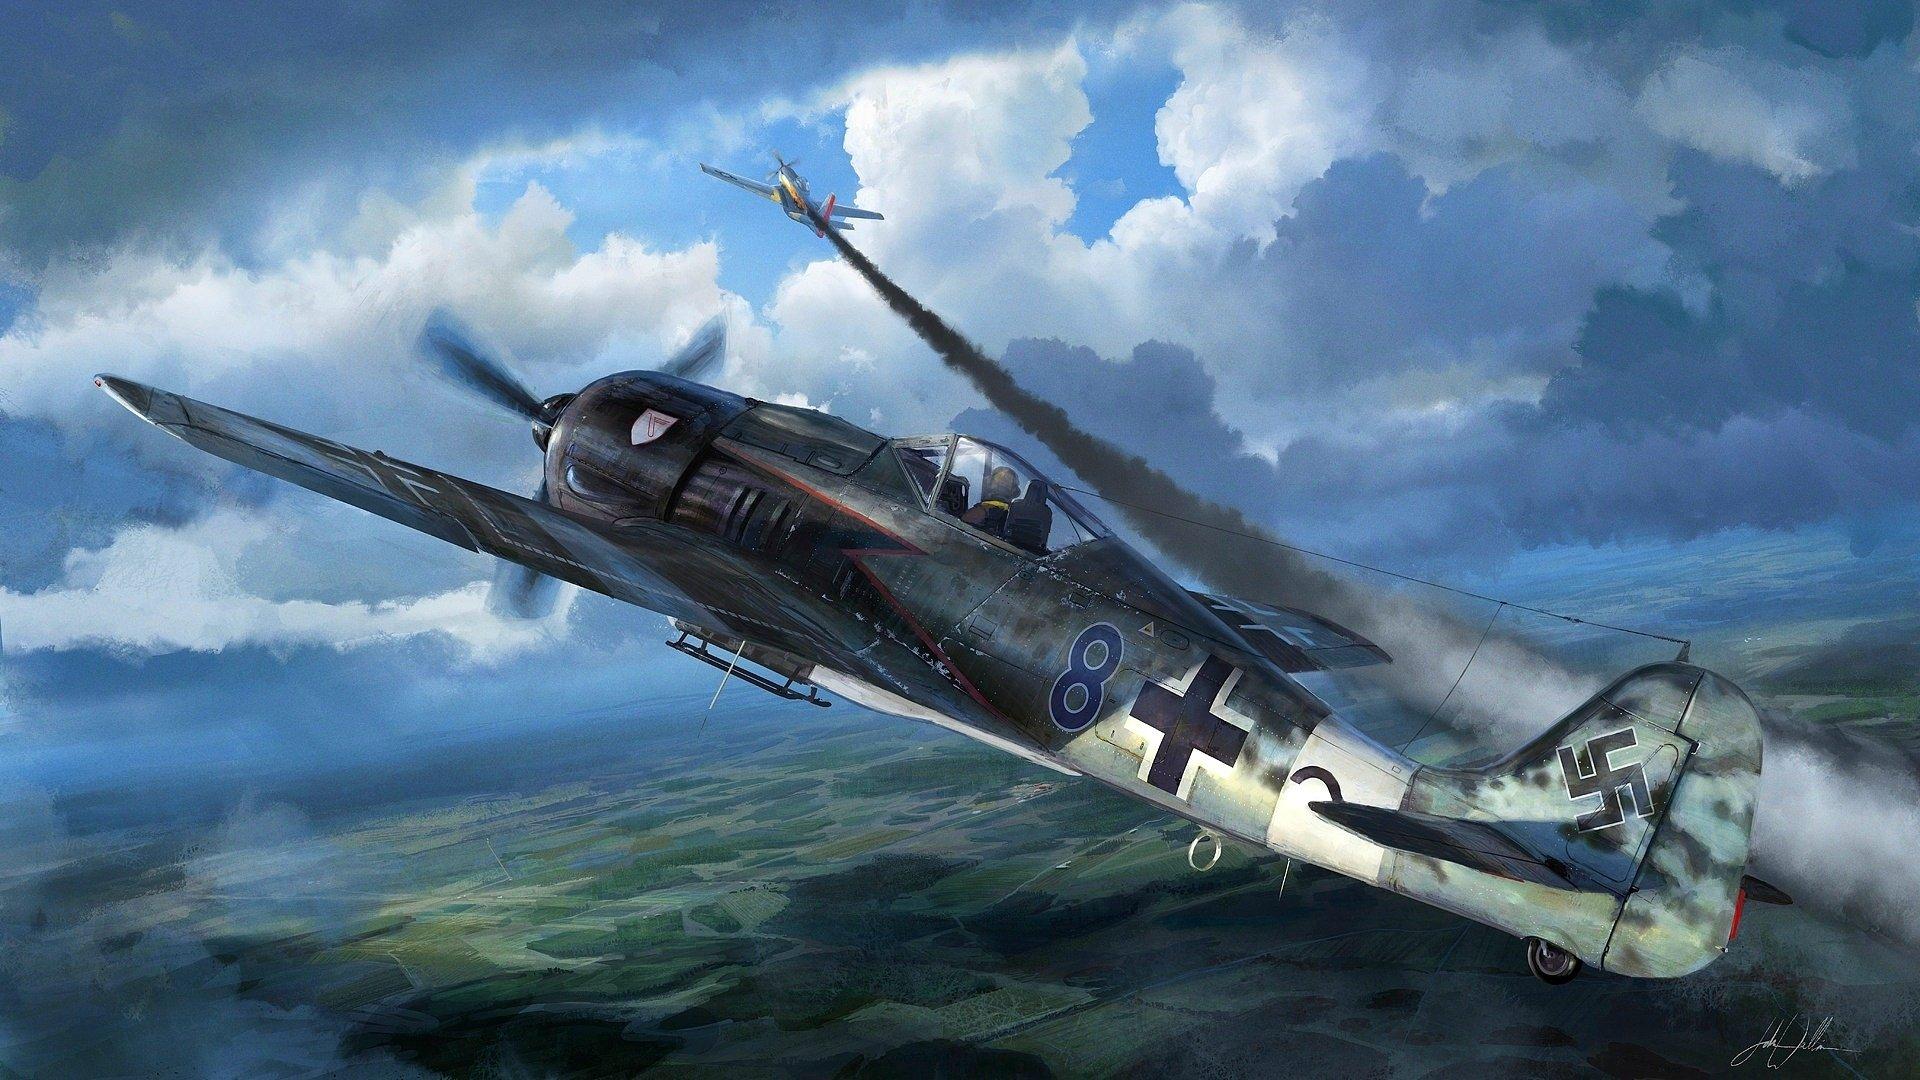 Обои войны, bf.109, мировой, Fw-190, истребители, второй. Авиация foto 8